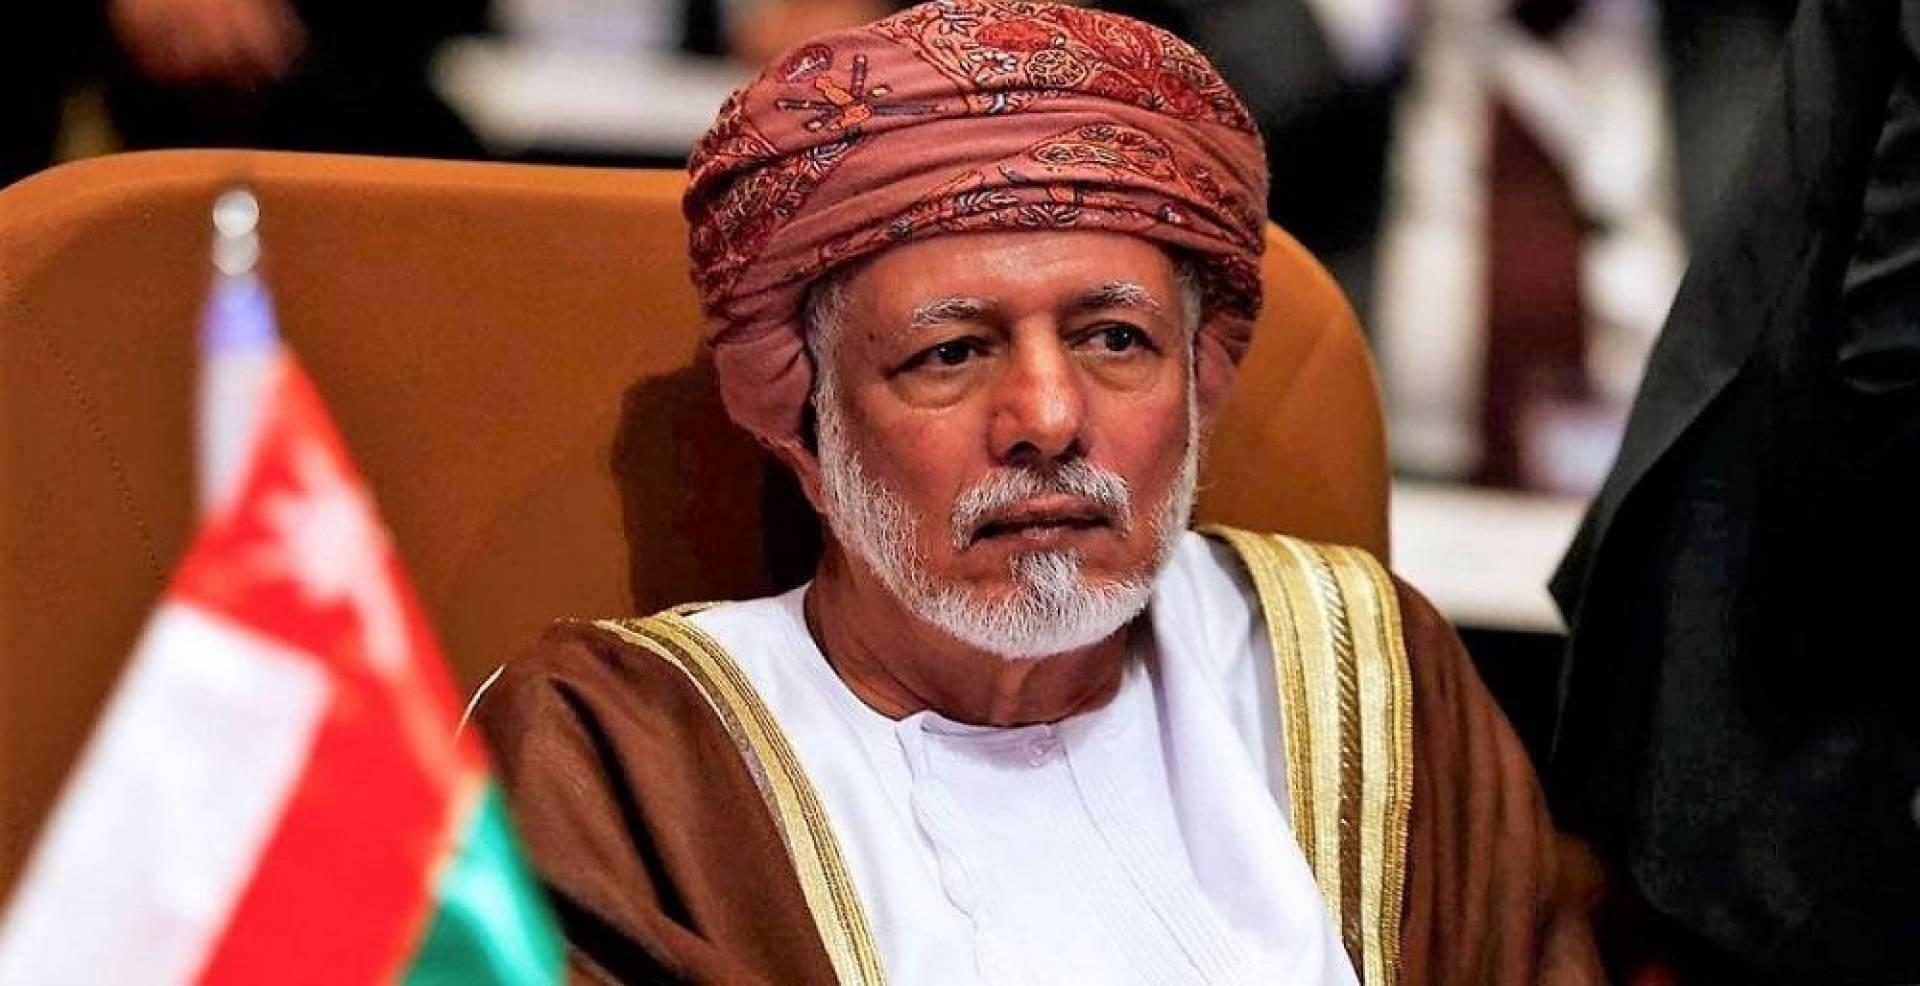 سلطنة عُمان: هرمز «نقطة الاشتعال الأخطر في الخليج»